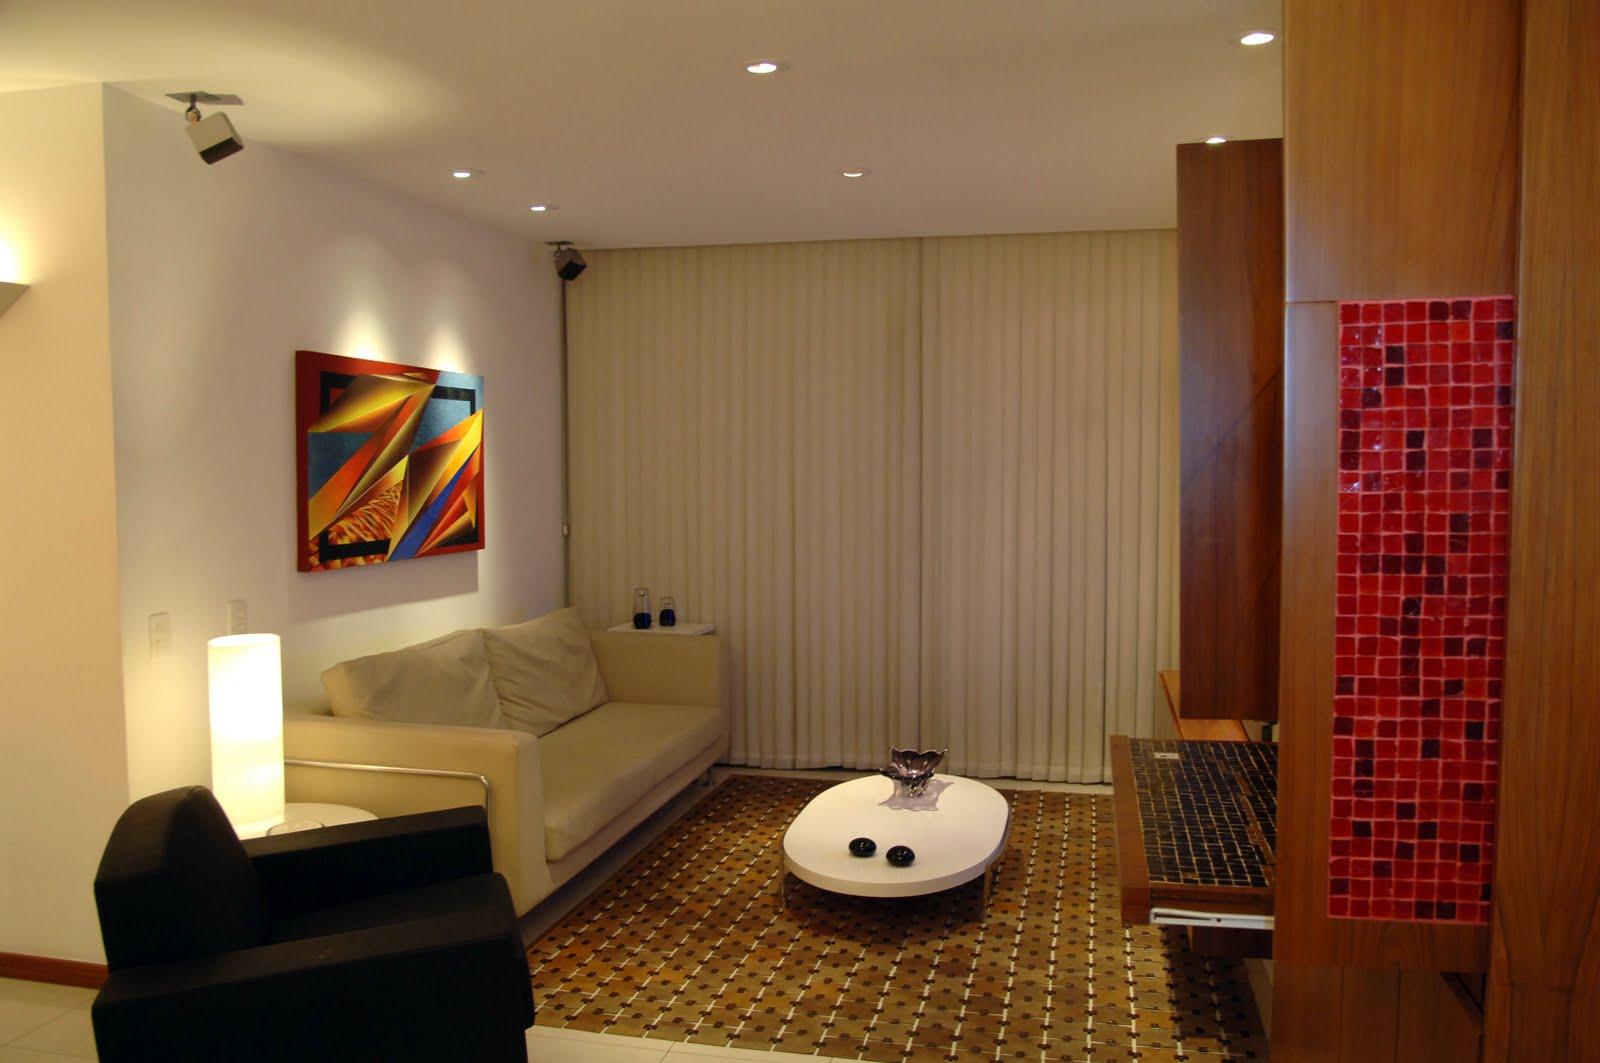 #BD3B0D art & design Decoração de interiores Projetos: Apartamento O  1600x1063 píxeis em Decoração De Sala De Estar Com Quadros